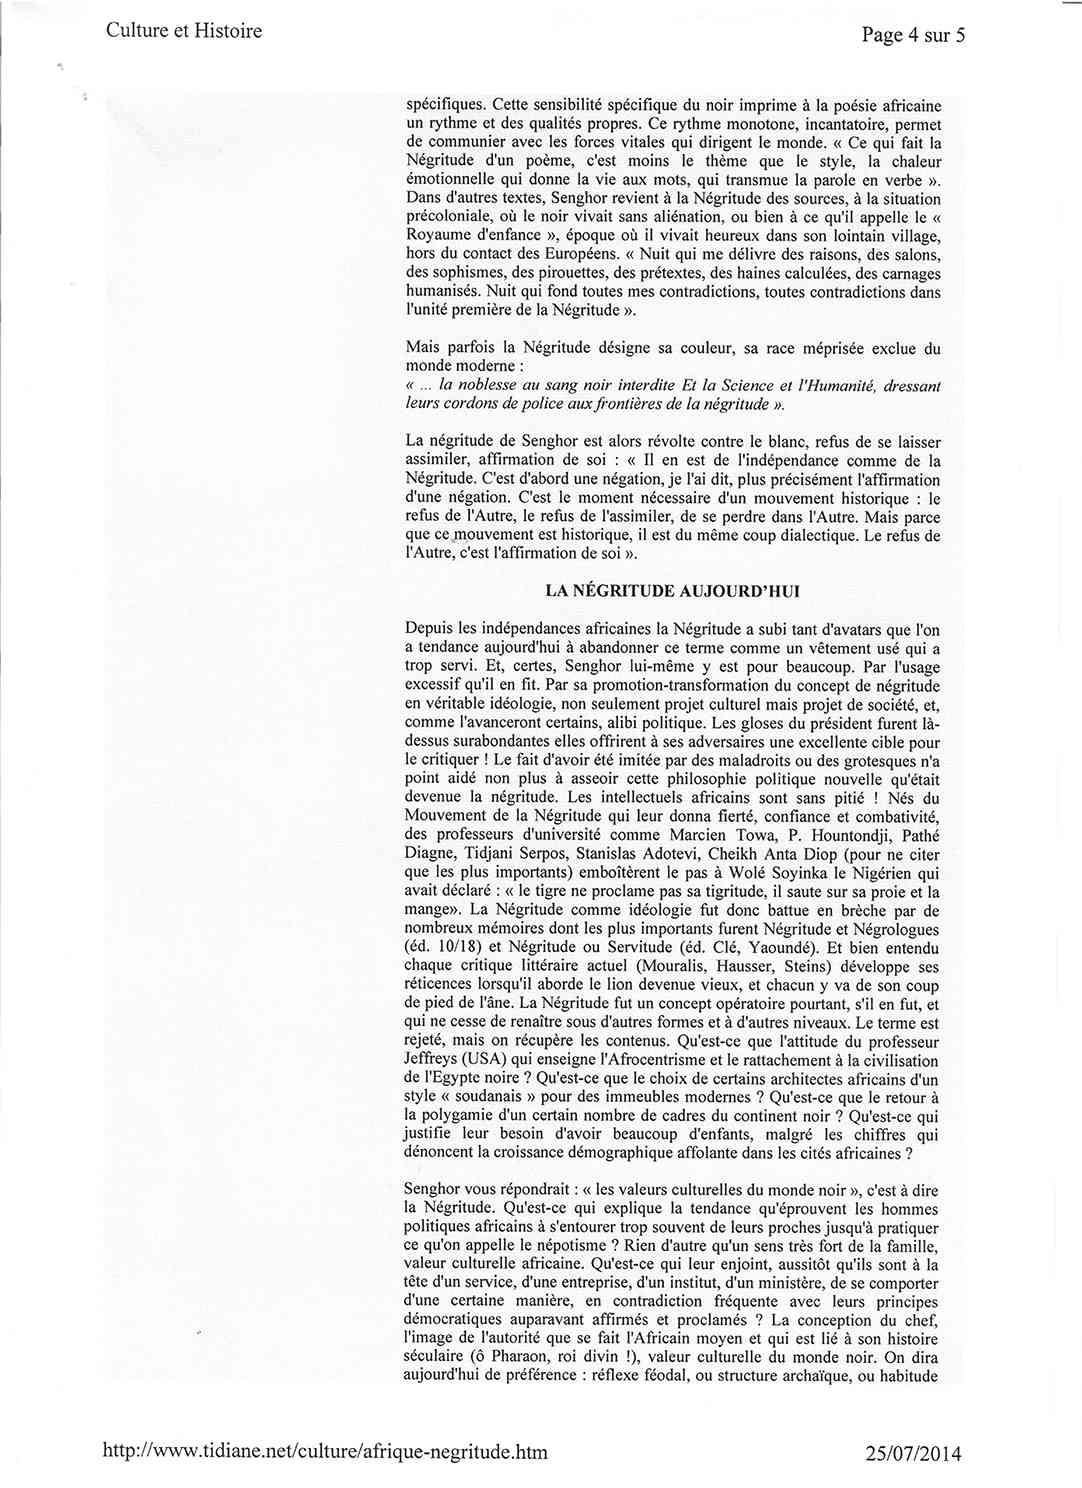 Page 4 3, René Maran